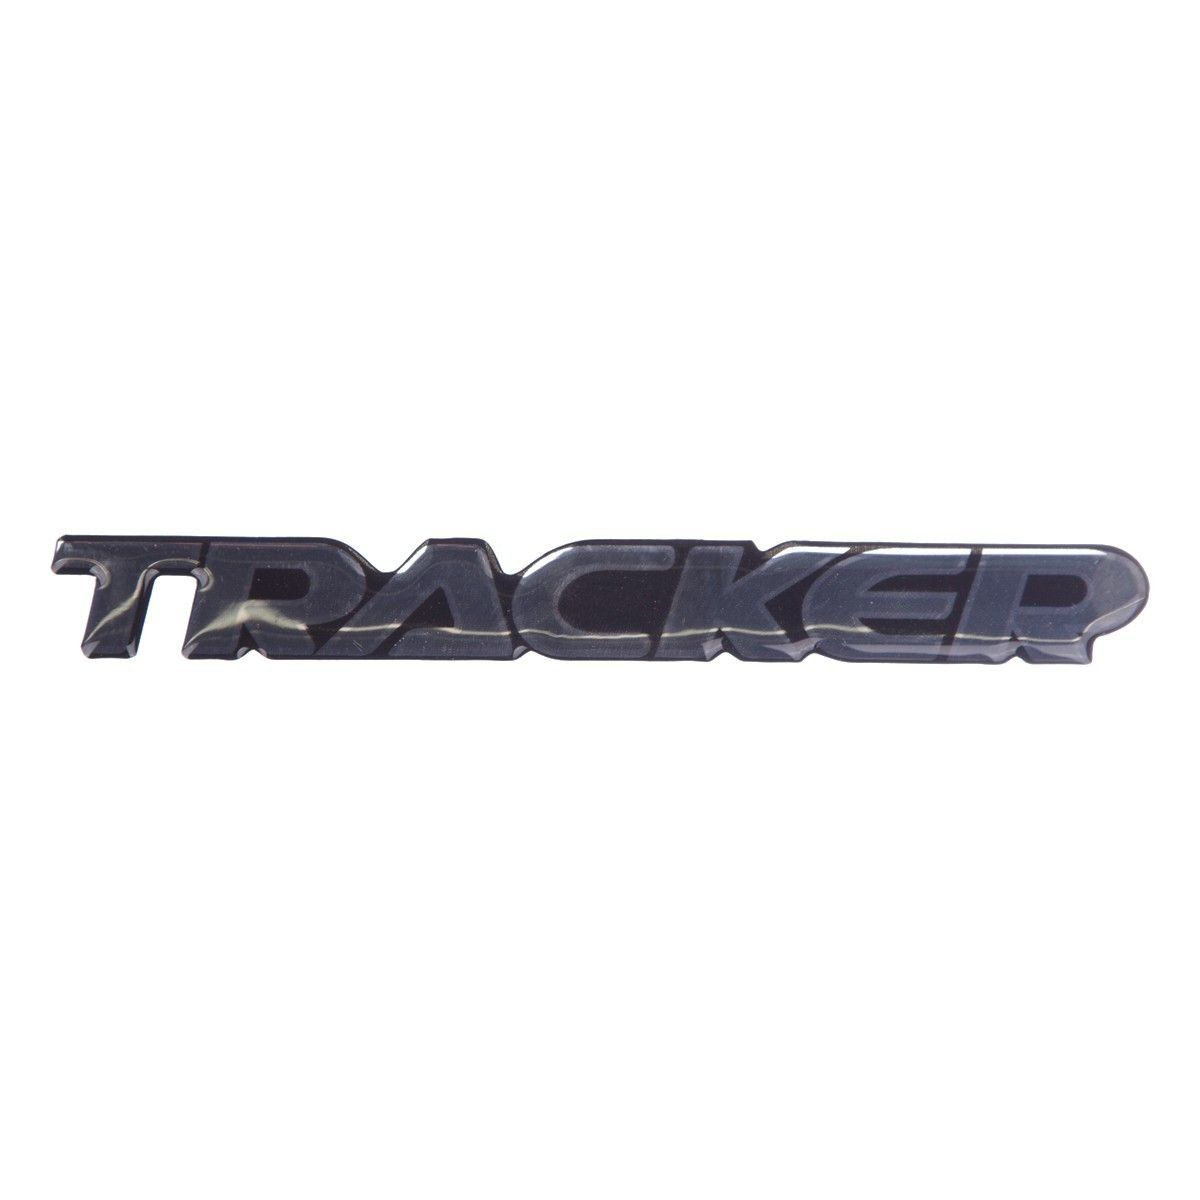 Emblema *Trackerr* da porta dianteira - Tracker 2001 a 2009